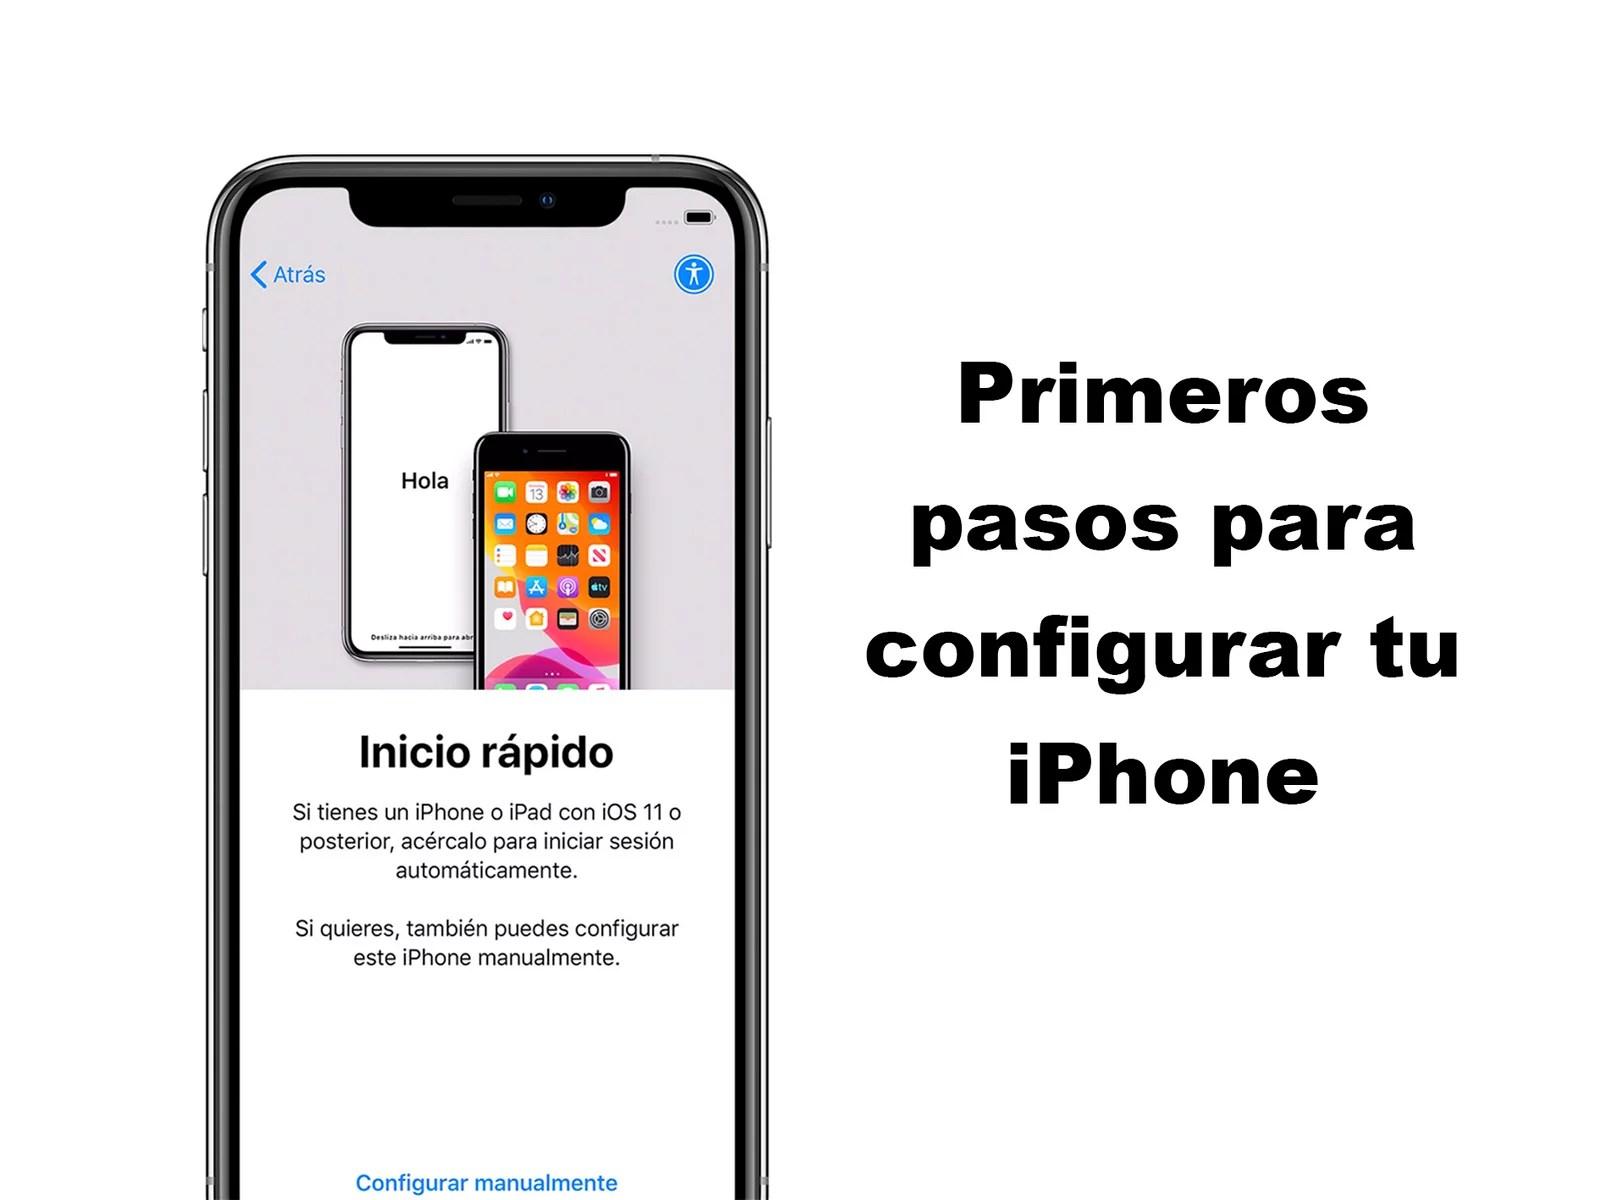 Primeros pasos para configurar un iPhone nuevo